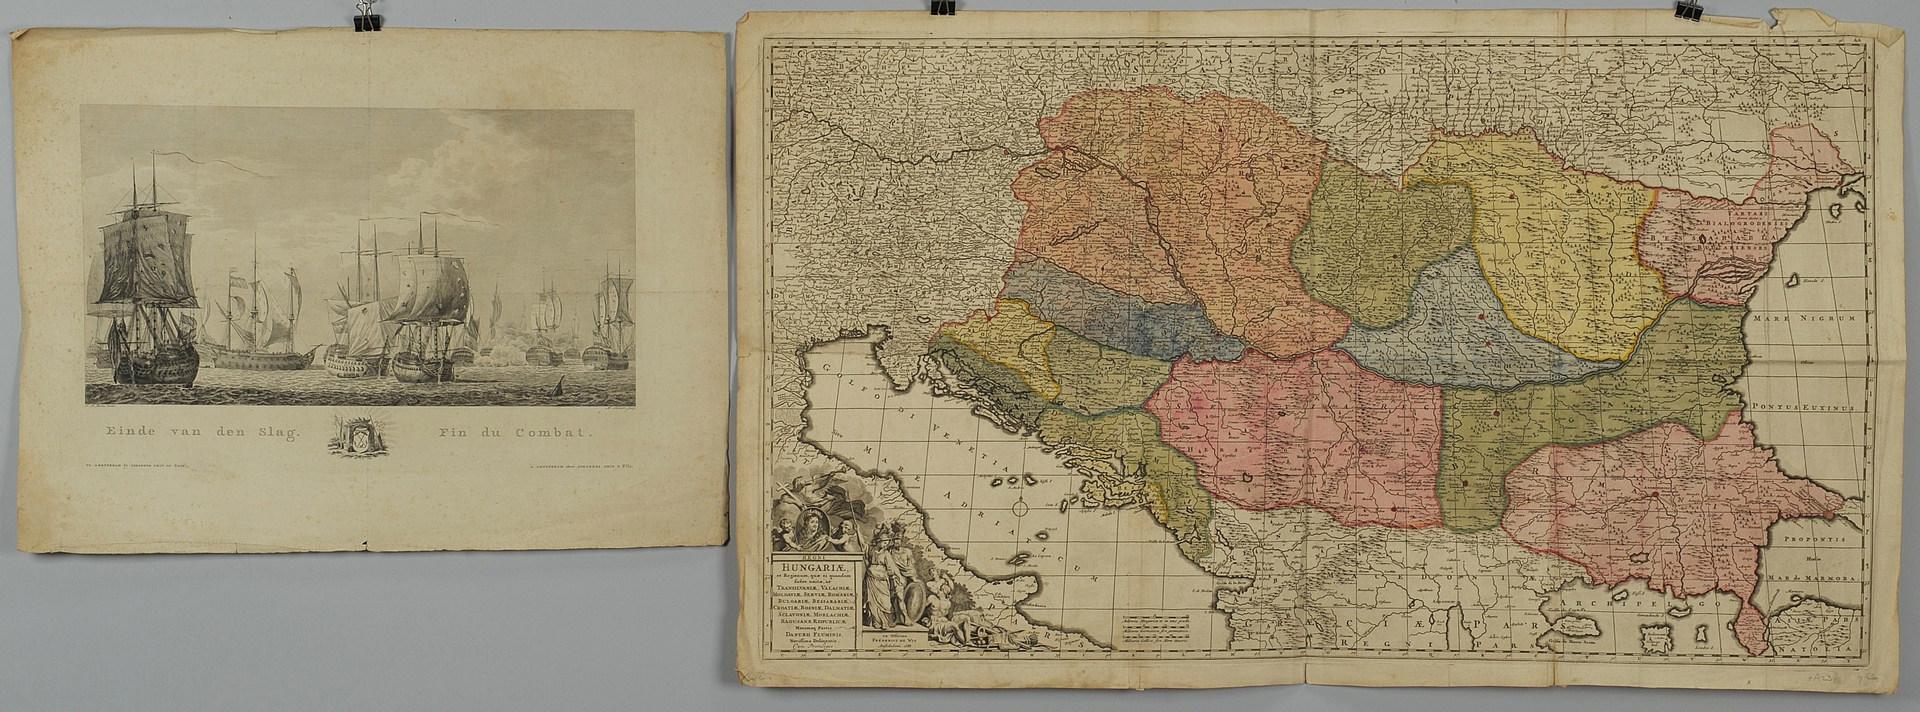 Lot 352: European Map & Engraving